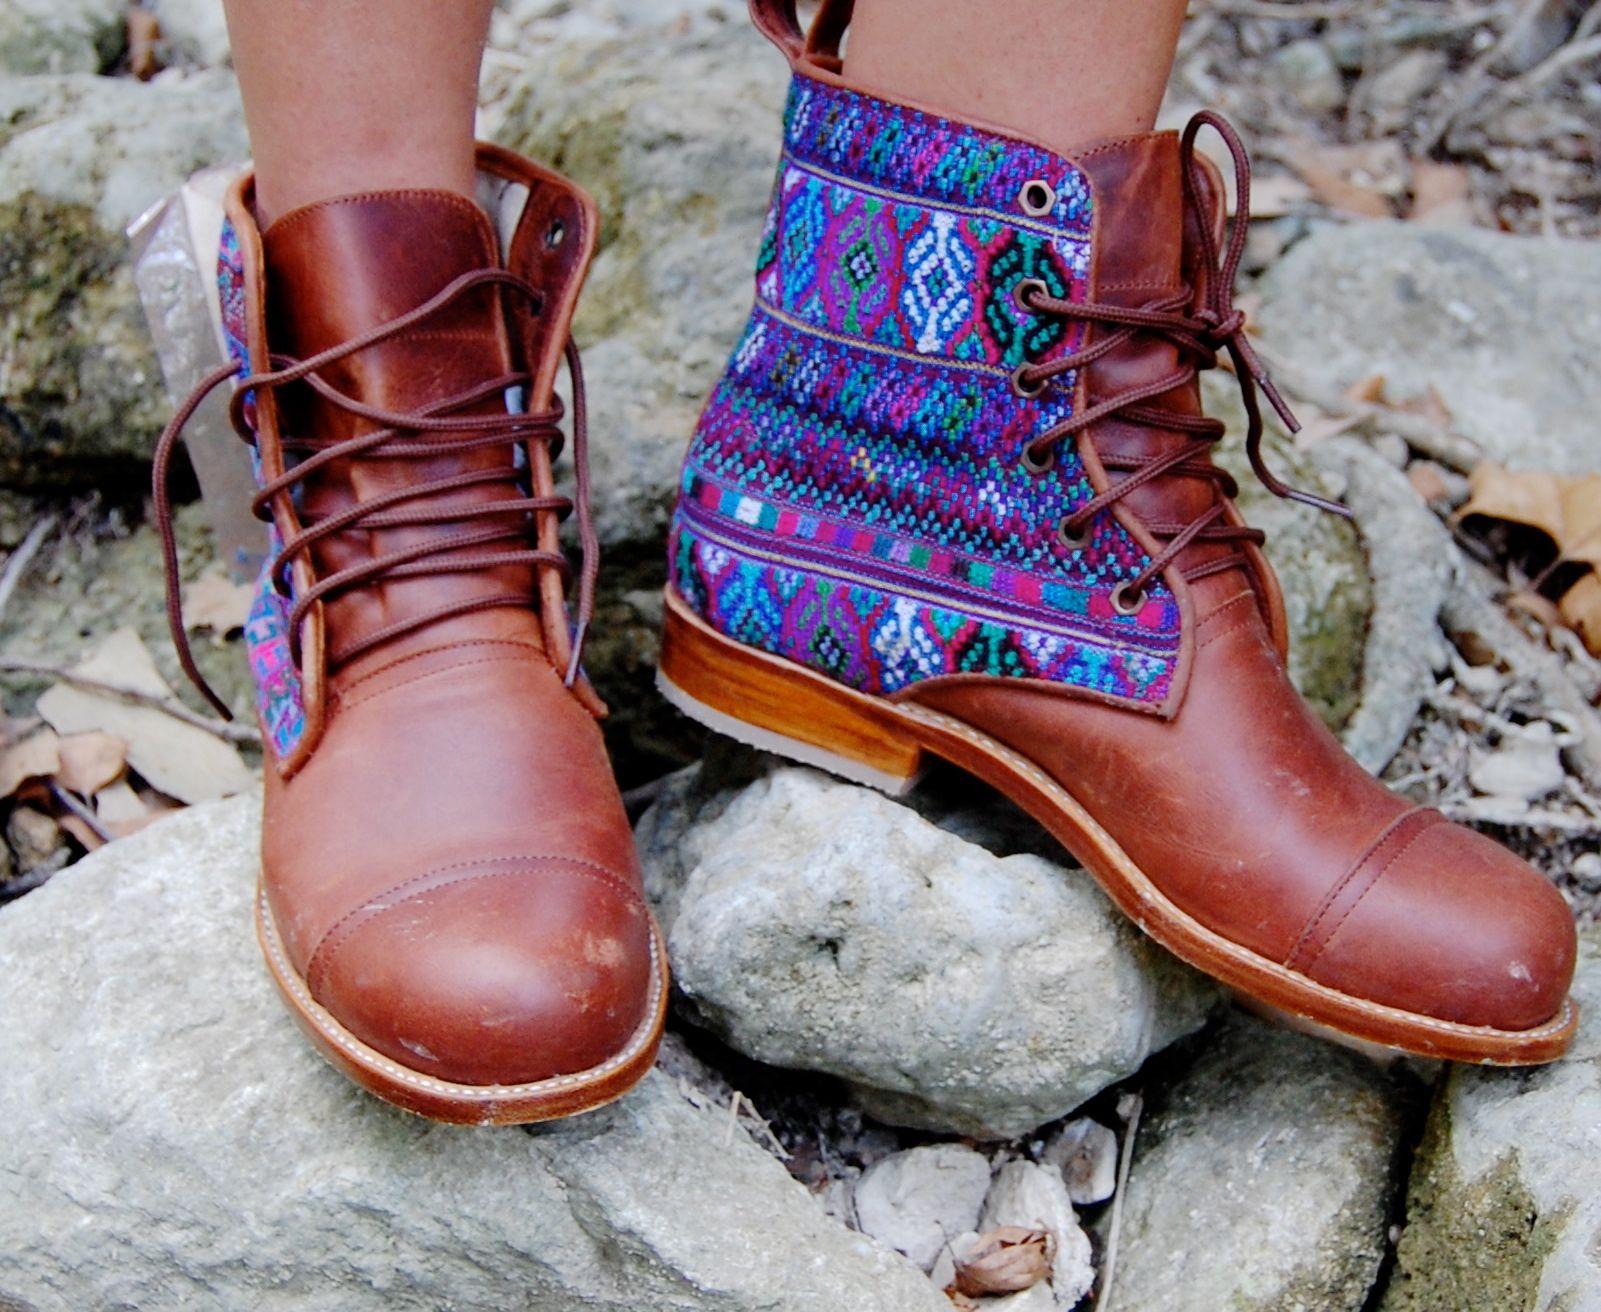 Exploring in my handmade CUSTOM boots! #teysha #guateboots